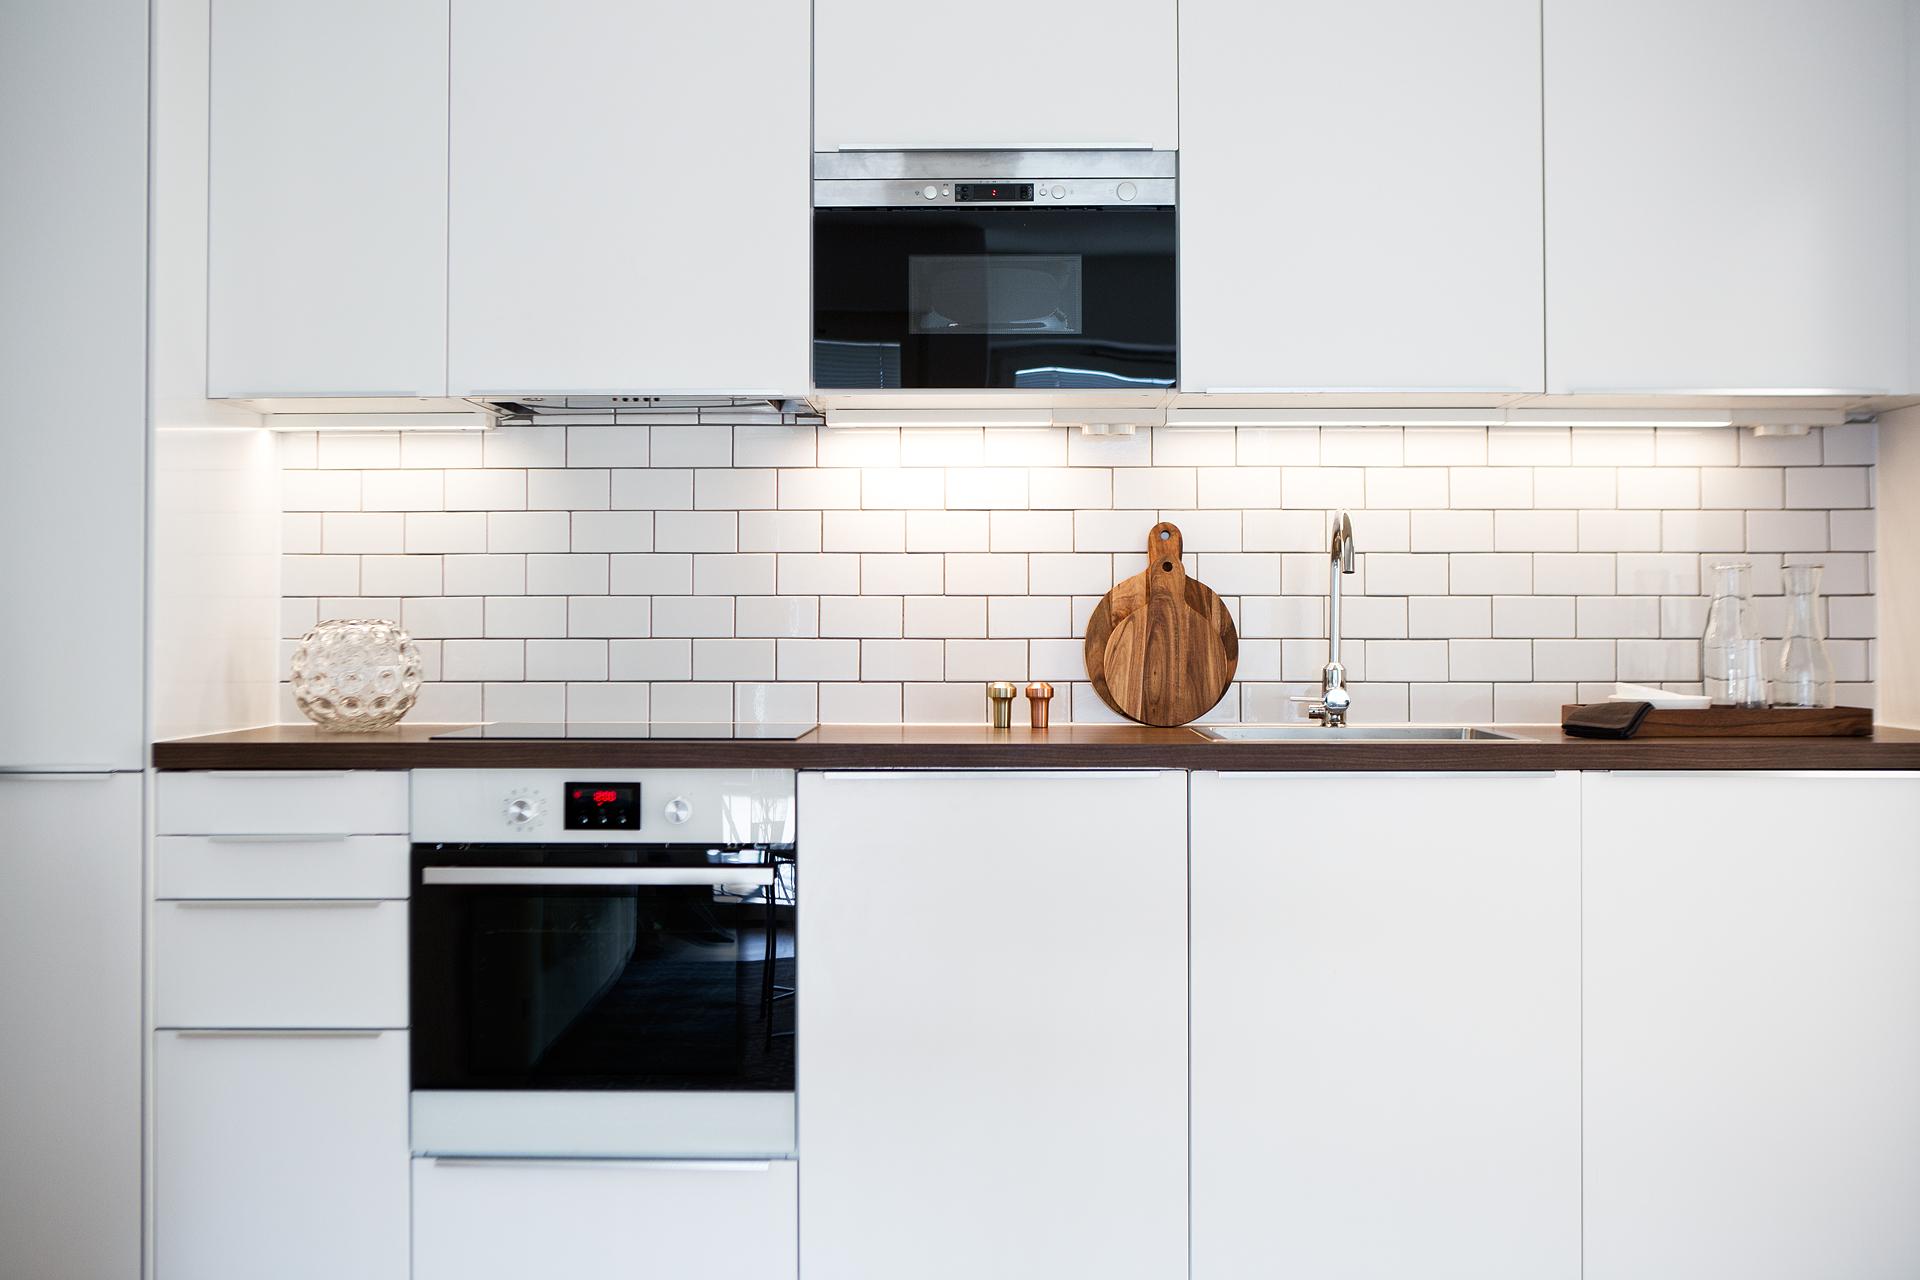 Vitt Lantligt Kok Ikea : K?k med vitt kakel k?k Pinterest